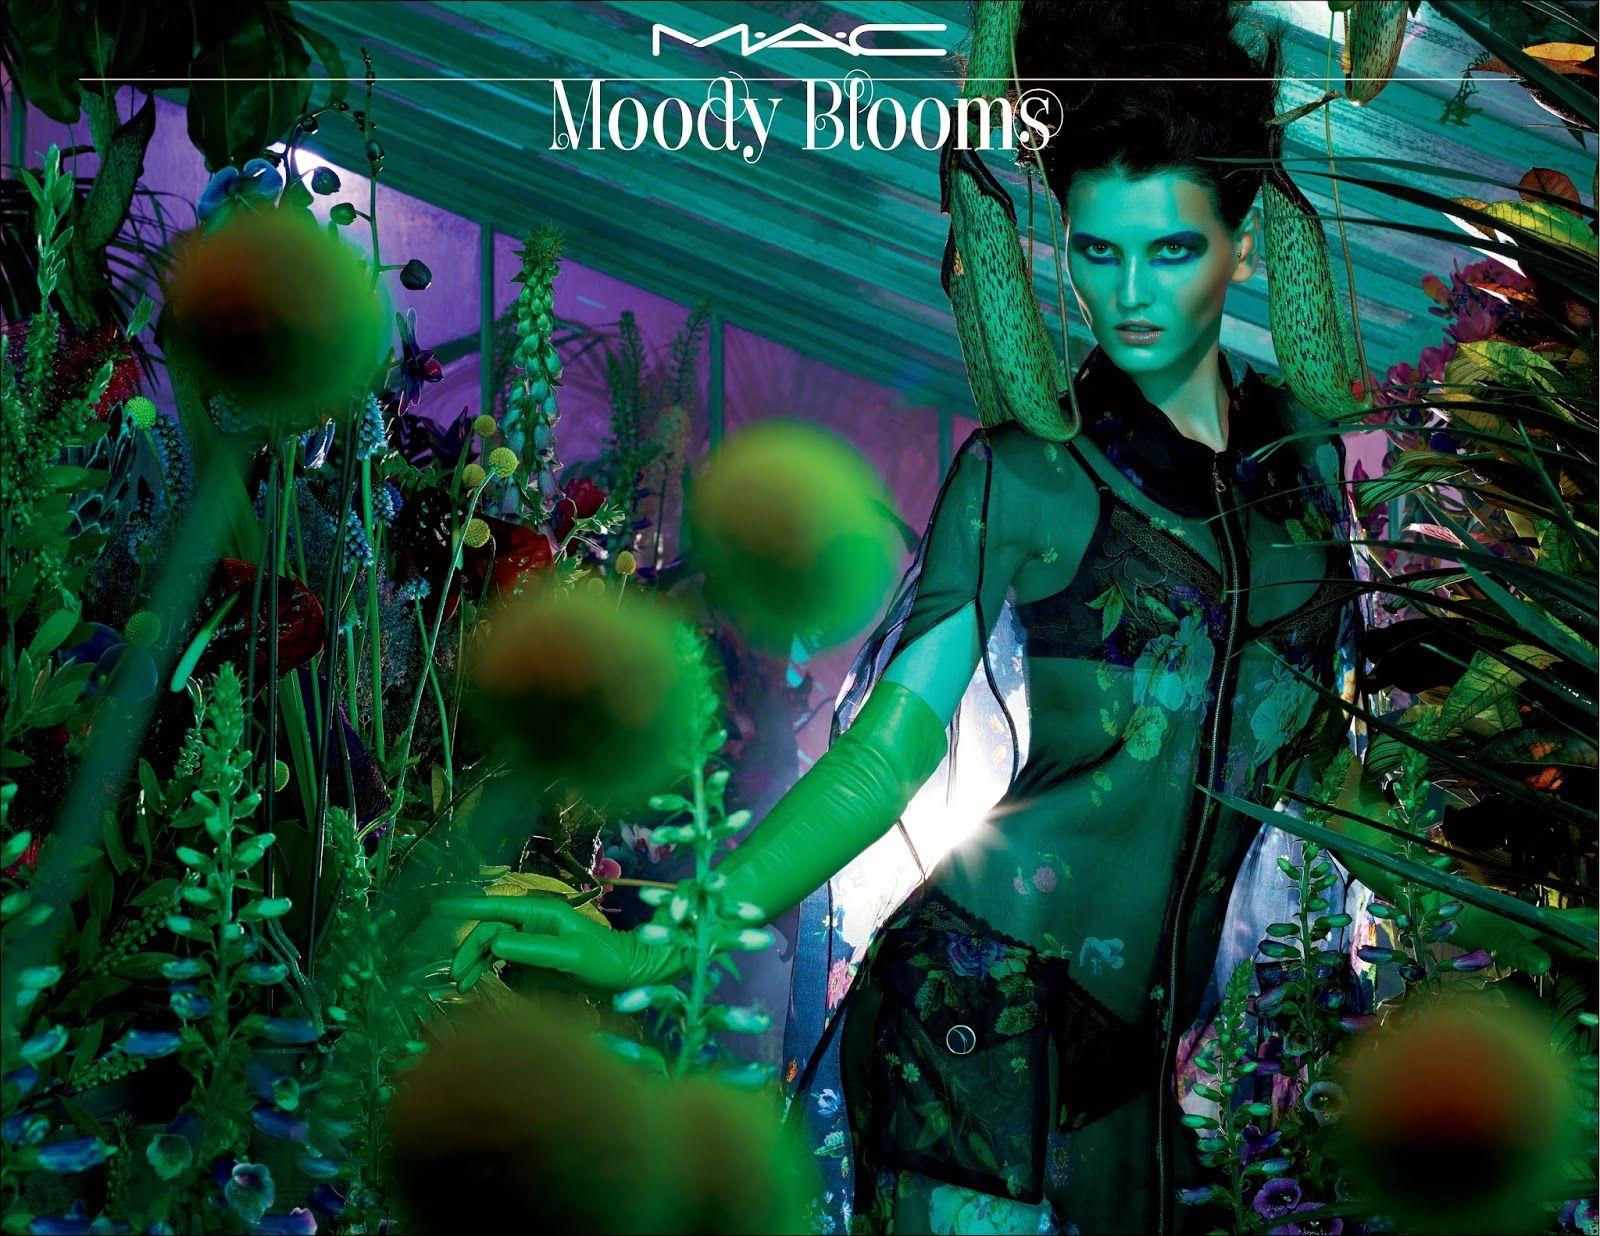 A campanha da MAC Moody Blooms Collection Summer 2014 chegou na mídia antes dos produtos chegarem às lojas. Mas eu adorei tanto a campanha quanto as cores desta coleção.